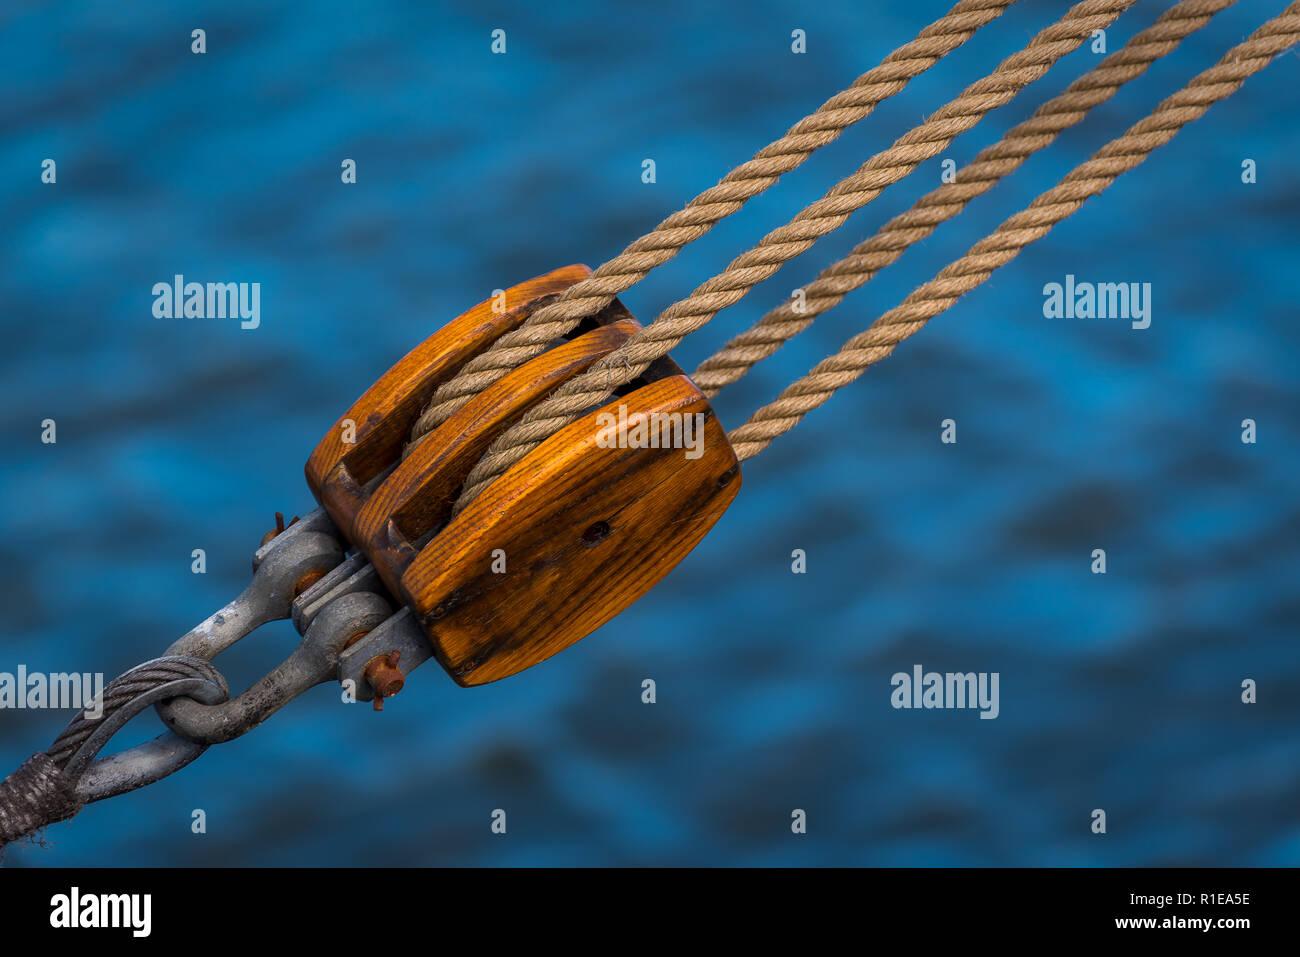 Holzblock in der Takelage eines historischen Segelschiffes - Stock Image